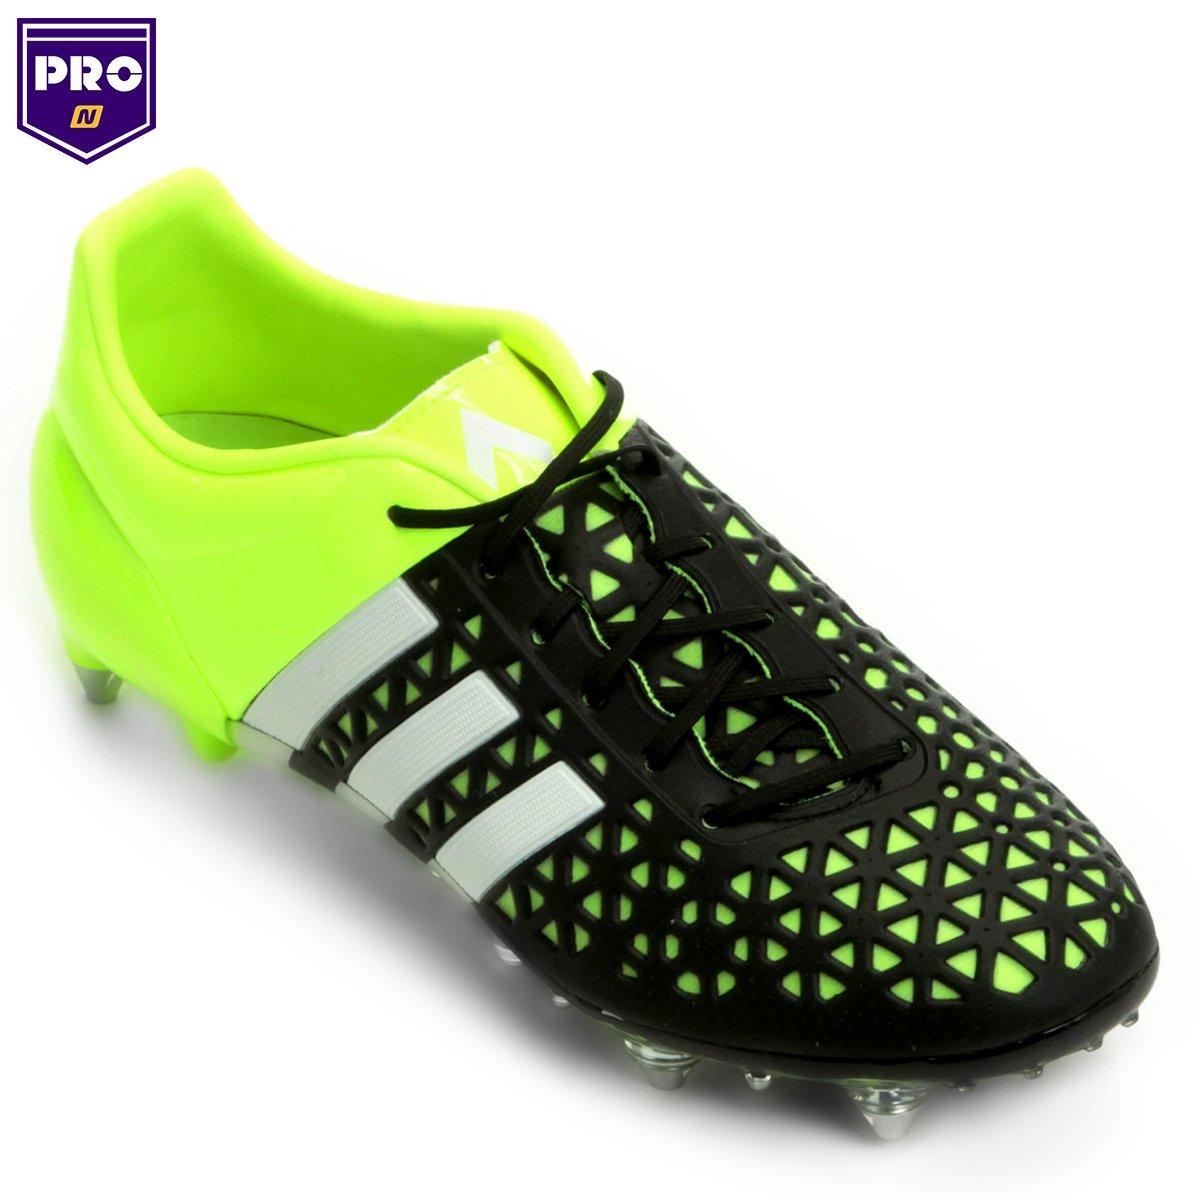 brand new 3a2a7 1a8f0 Chuteira Campo Adidas Ace 15 1 SG Masculina - Verde e Preto